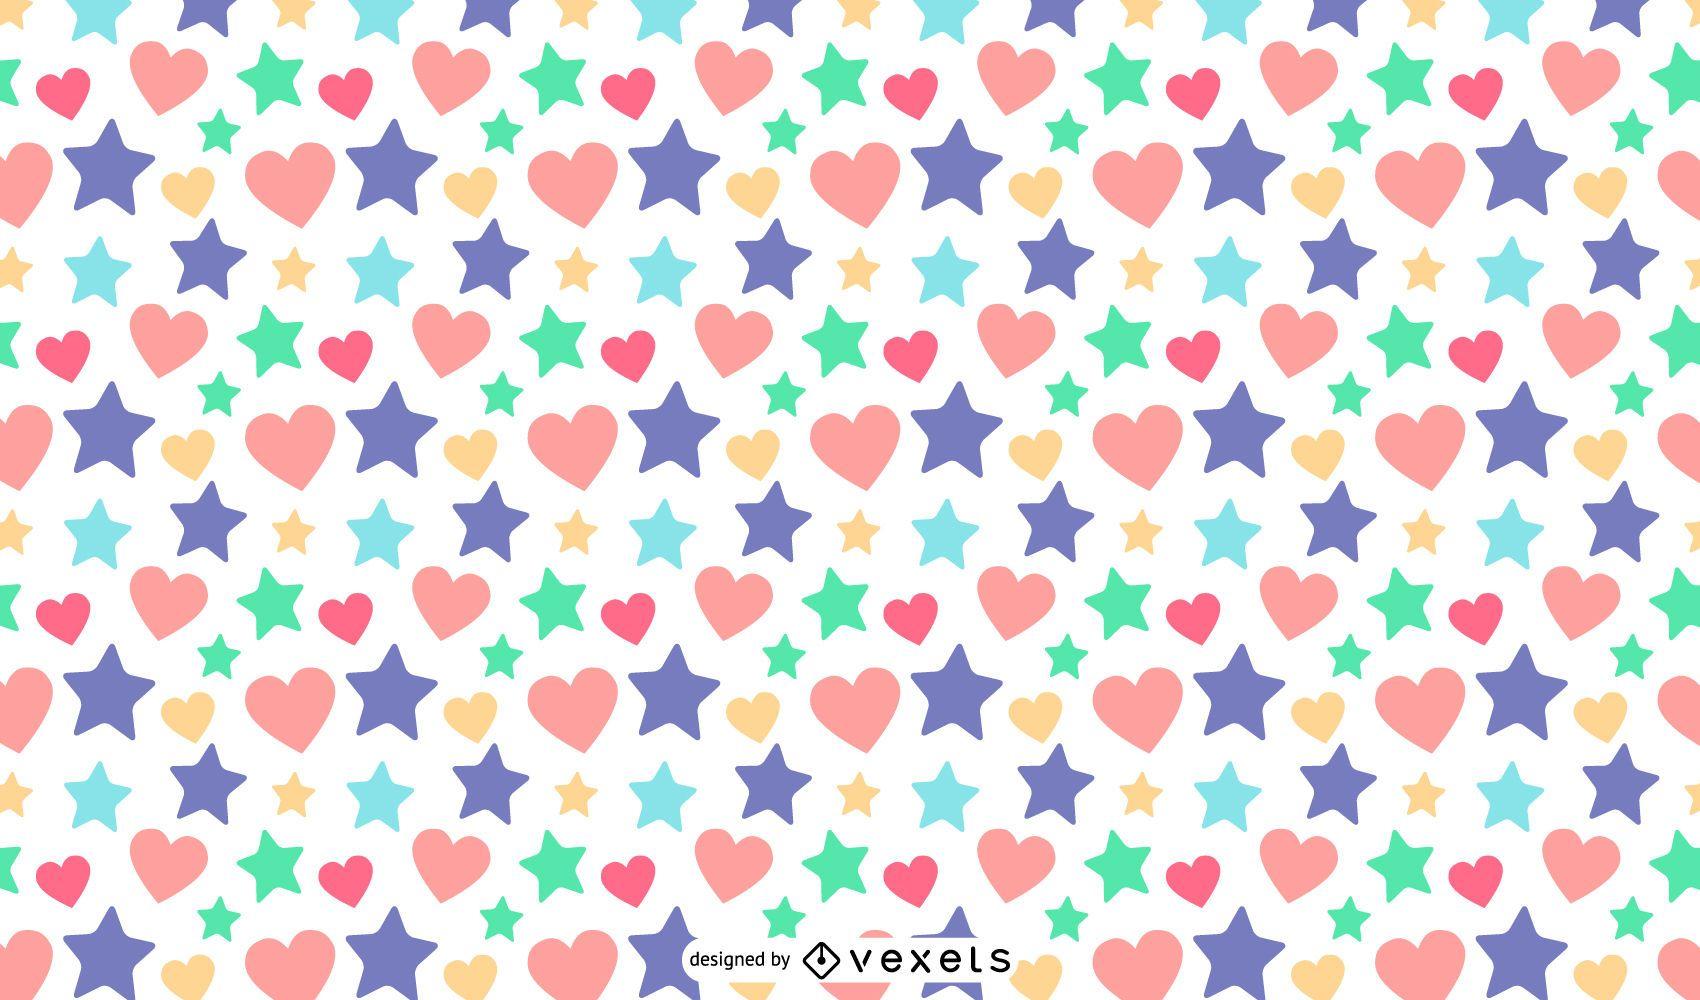 Diseño de patrón de corazones de estrellas